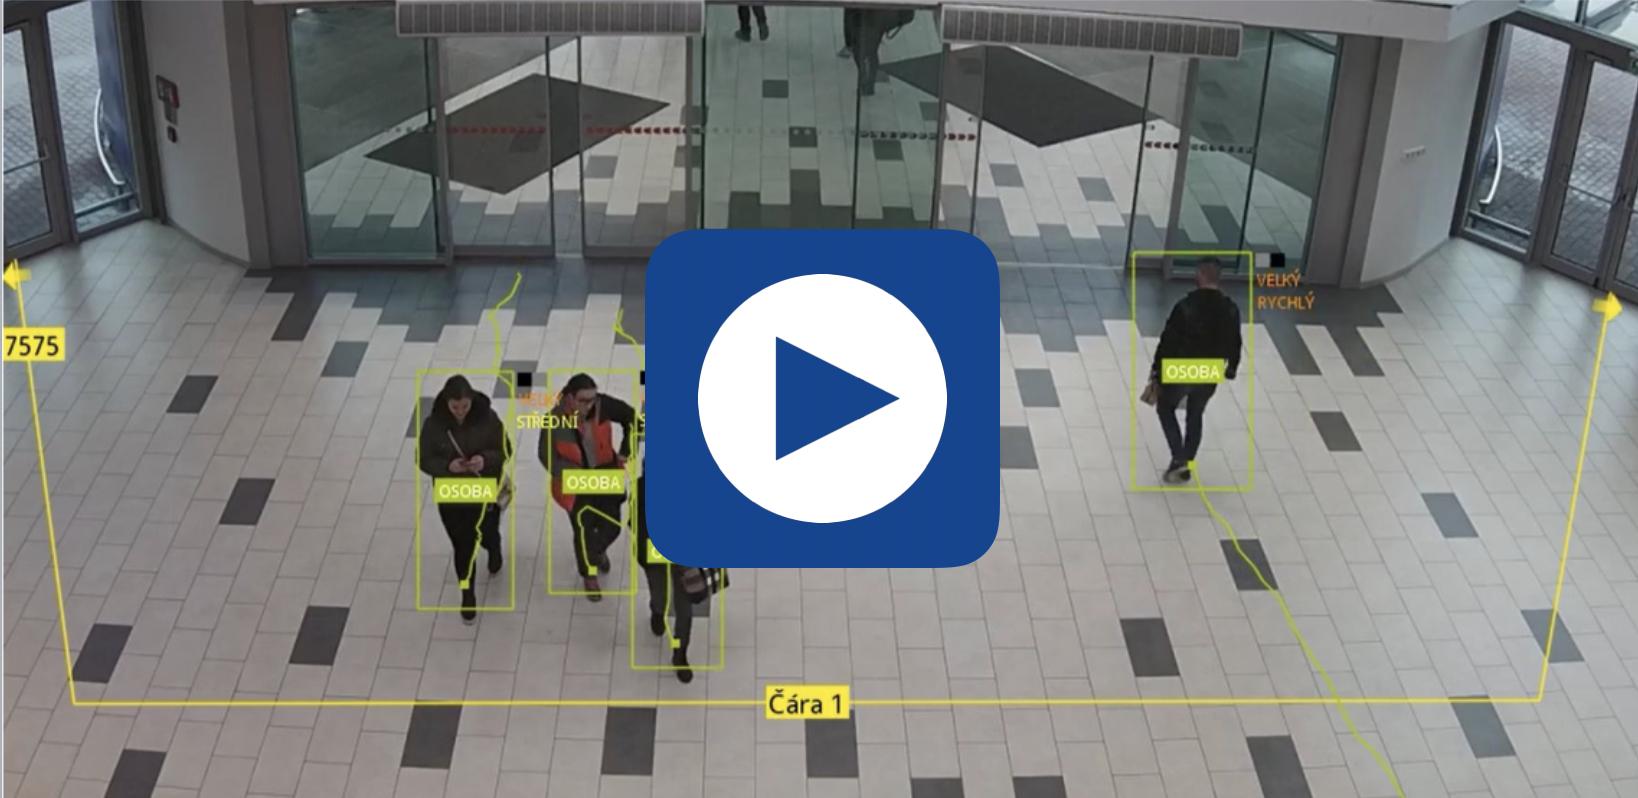 Detekce pohybu a počítání osob